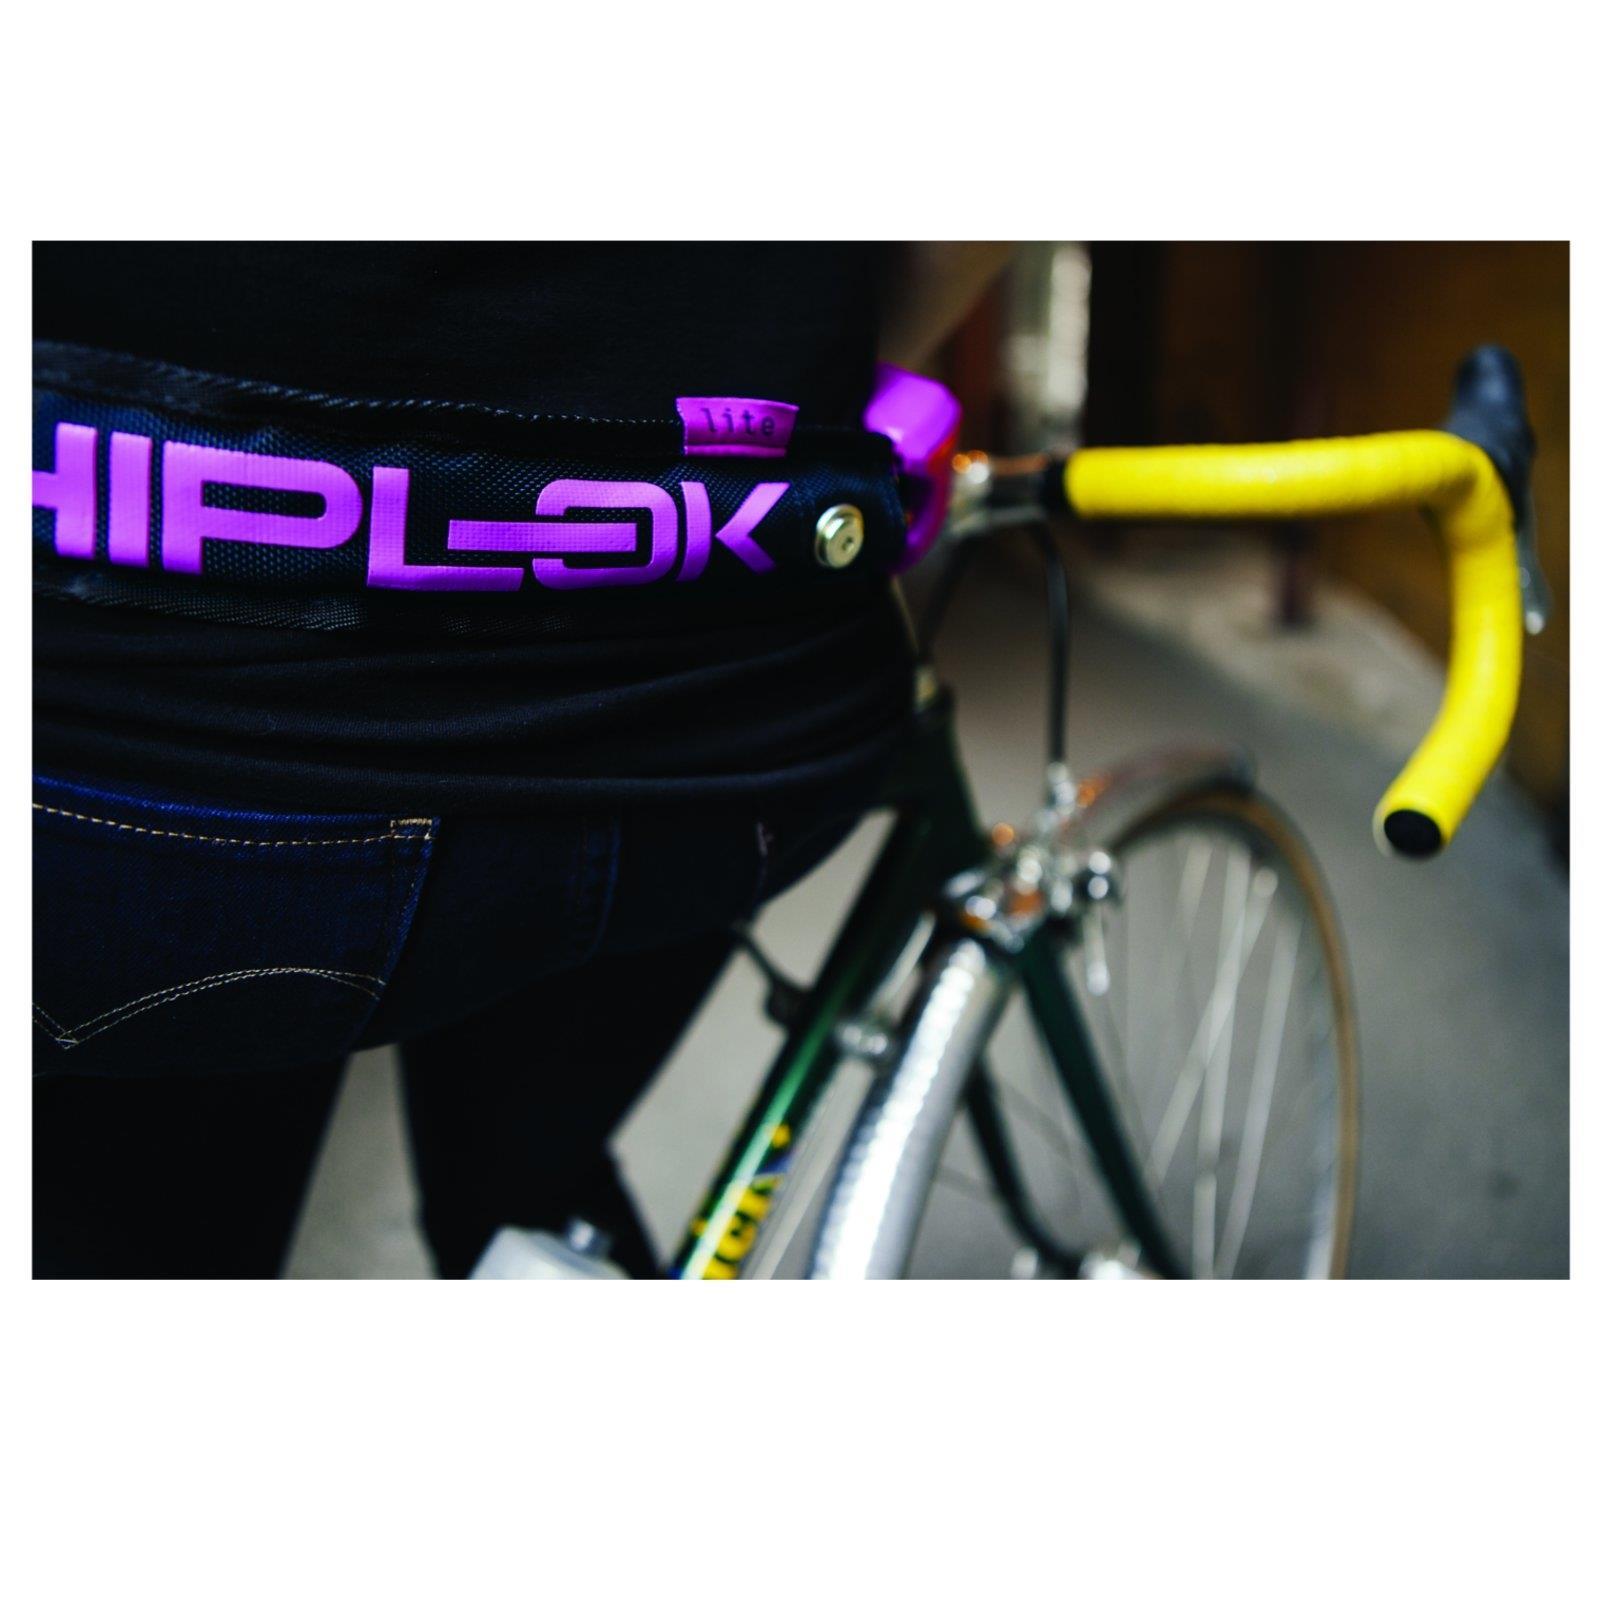 Hiplok Lite catene lucchetto CINTURA PORTATILE anca 6mm CATENA IN IN IN ACCIAIO NYLON BICICLETTA LOCK 481199